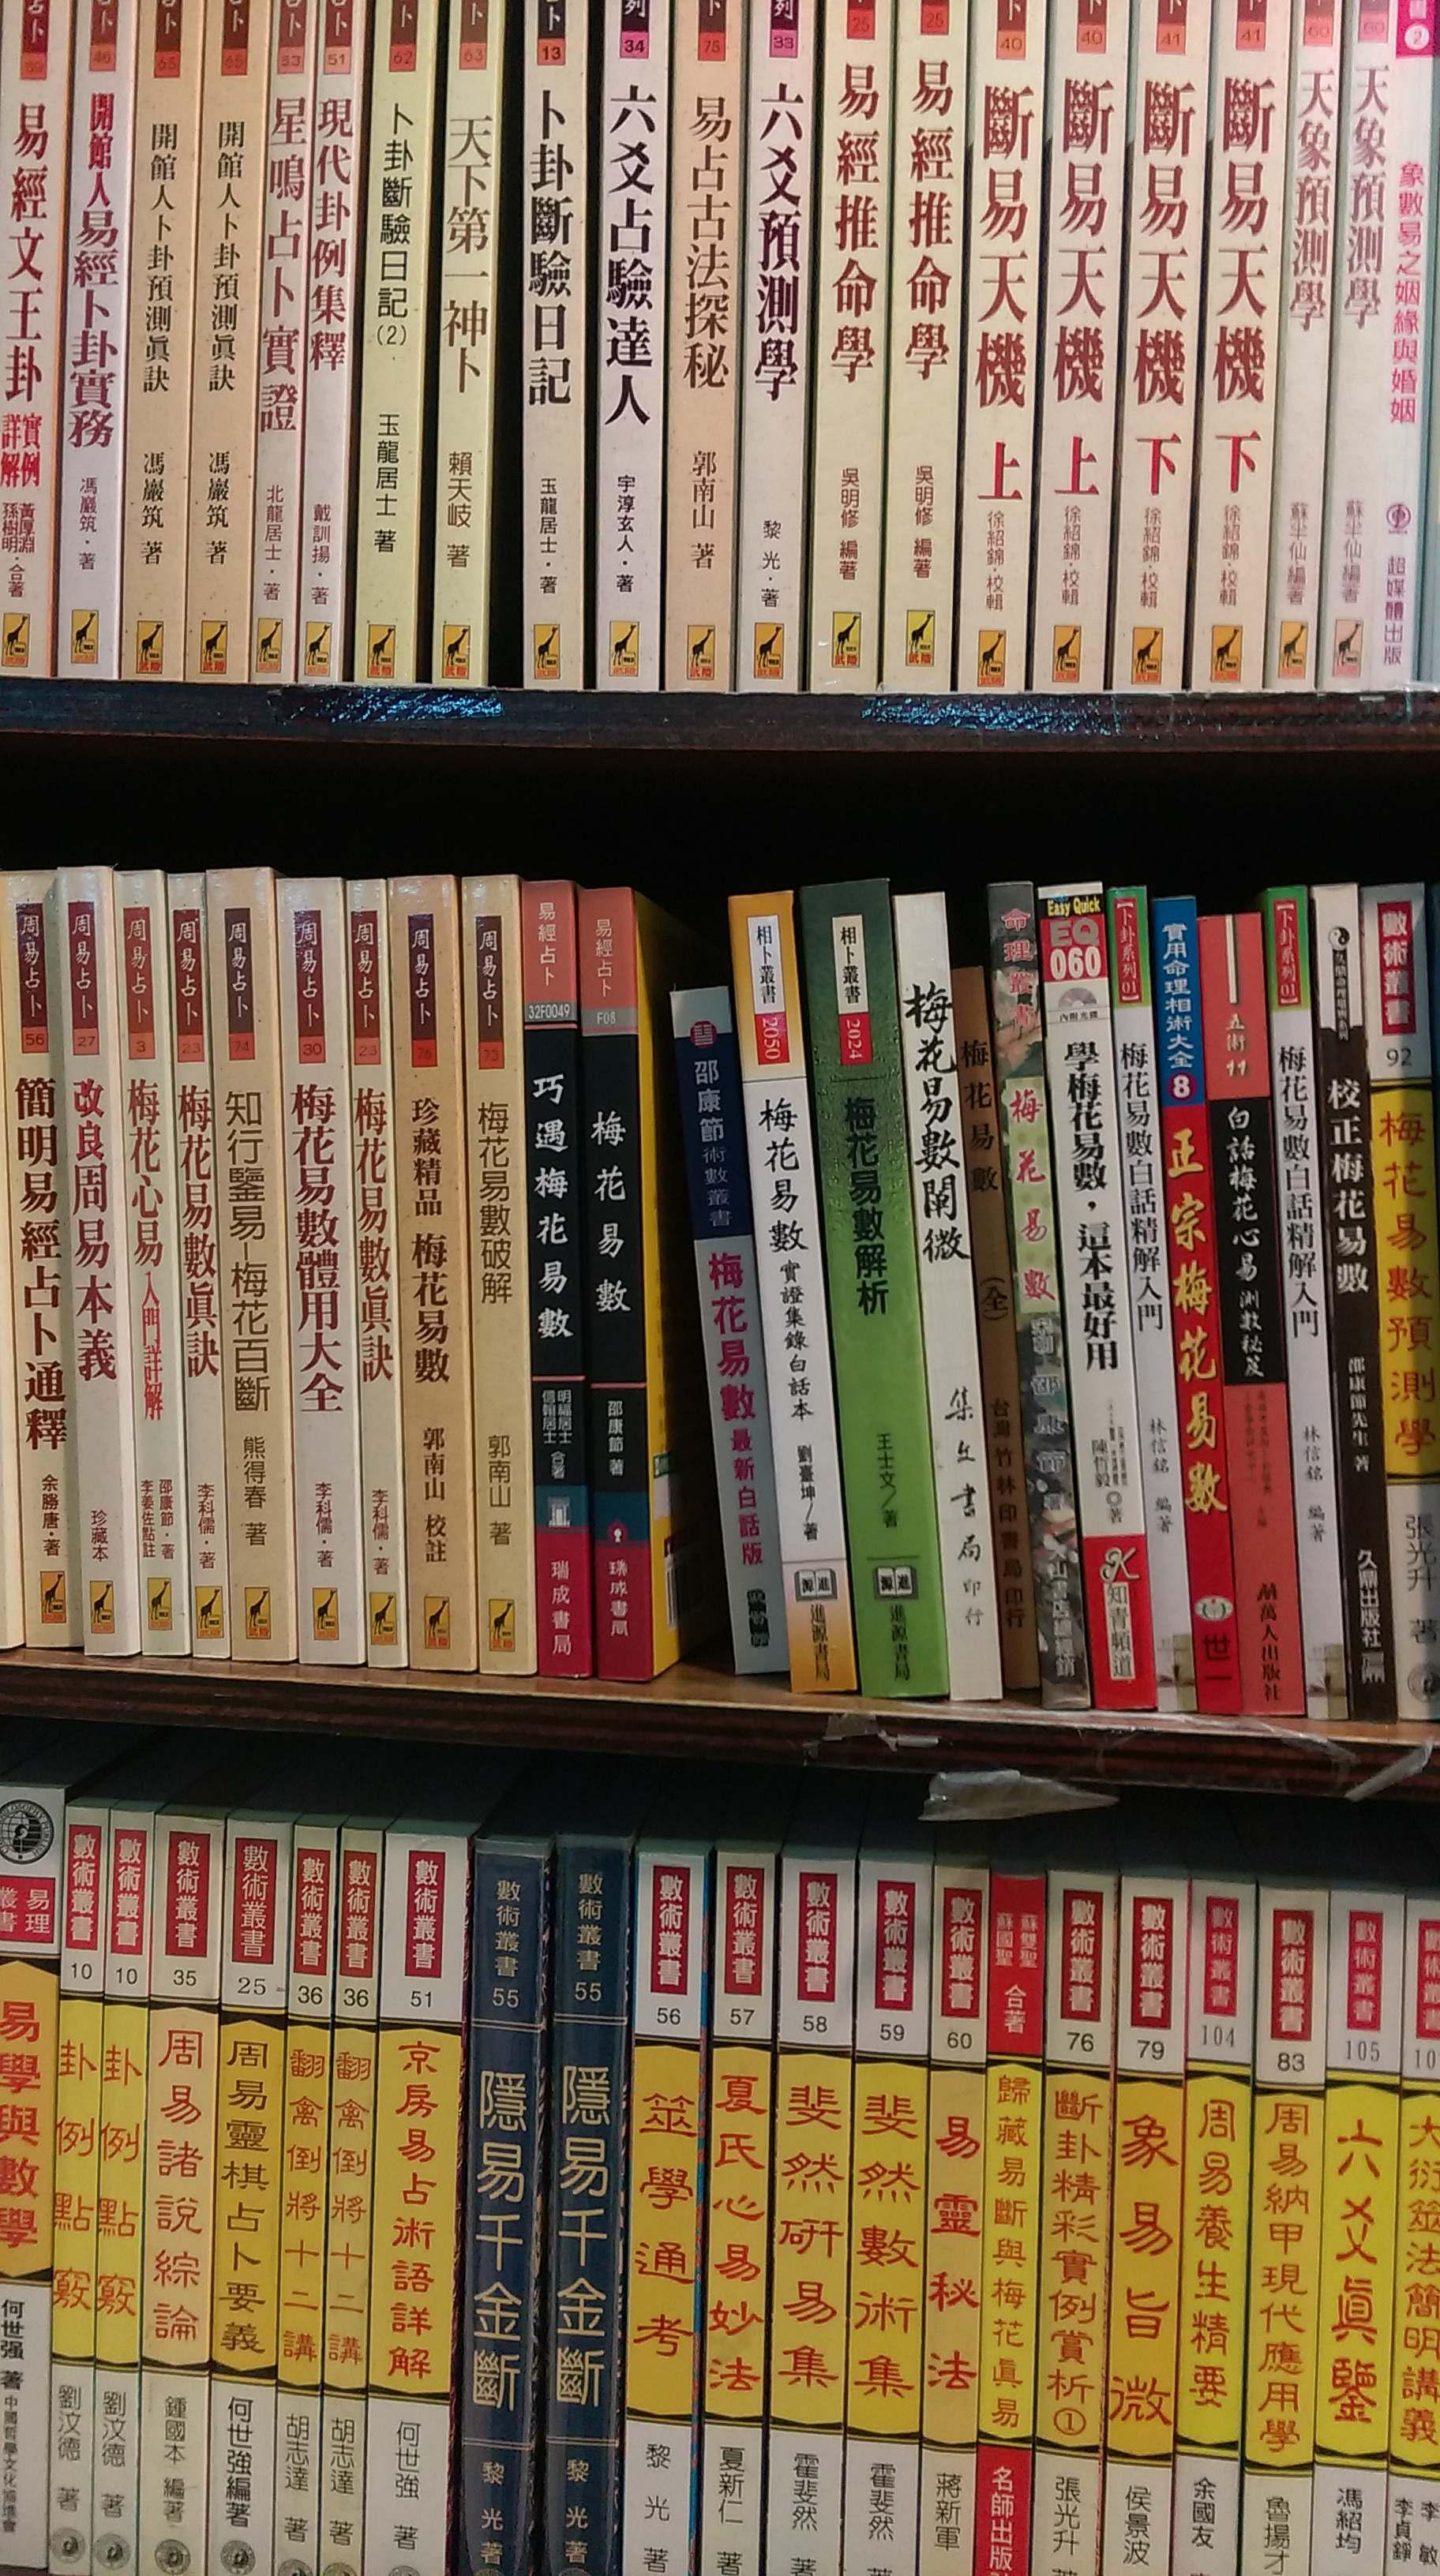 160116-龍山寺-書店3